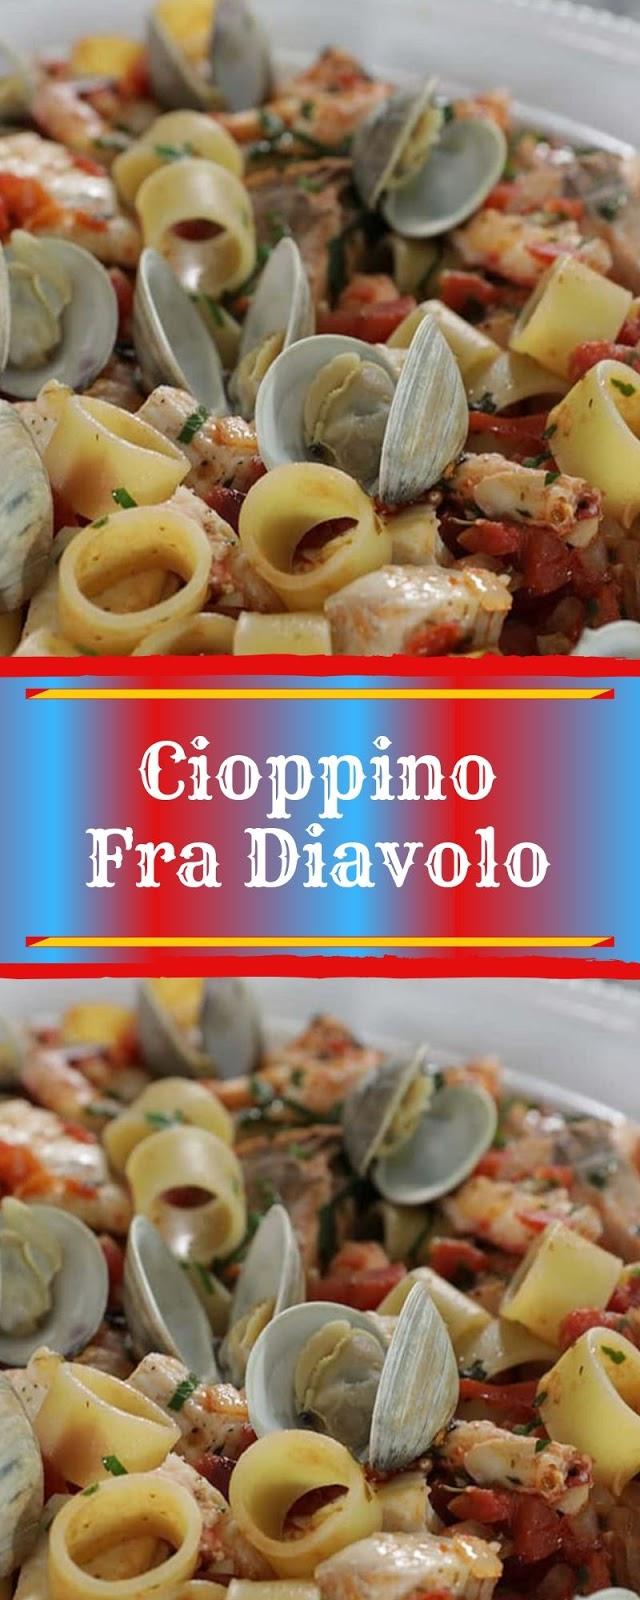 Cioppino Fra Diavolo